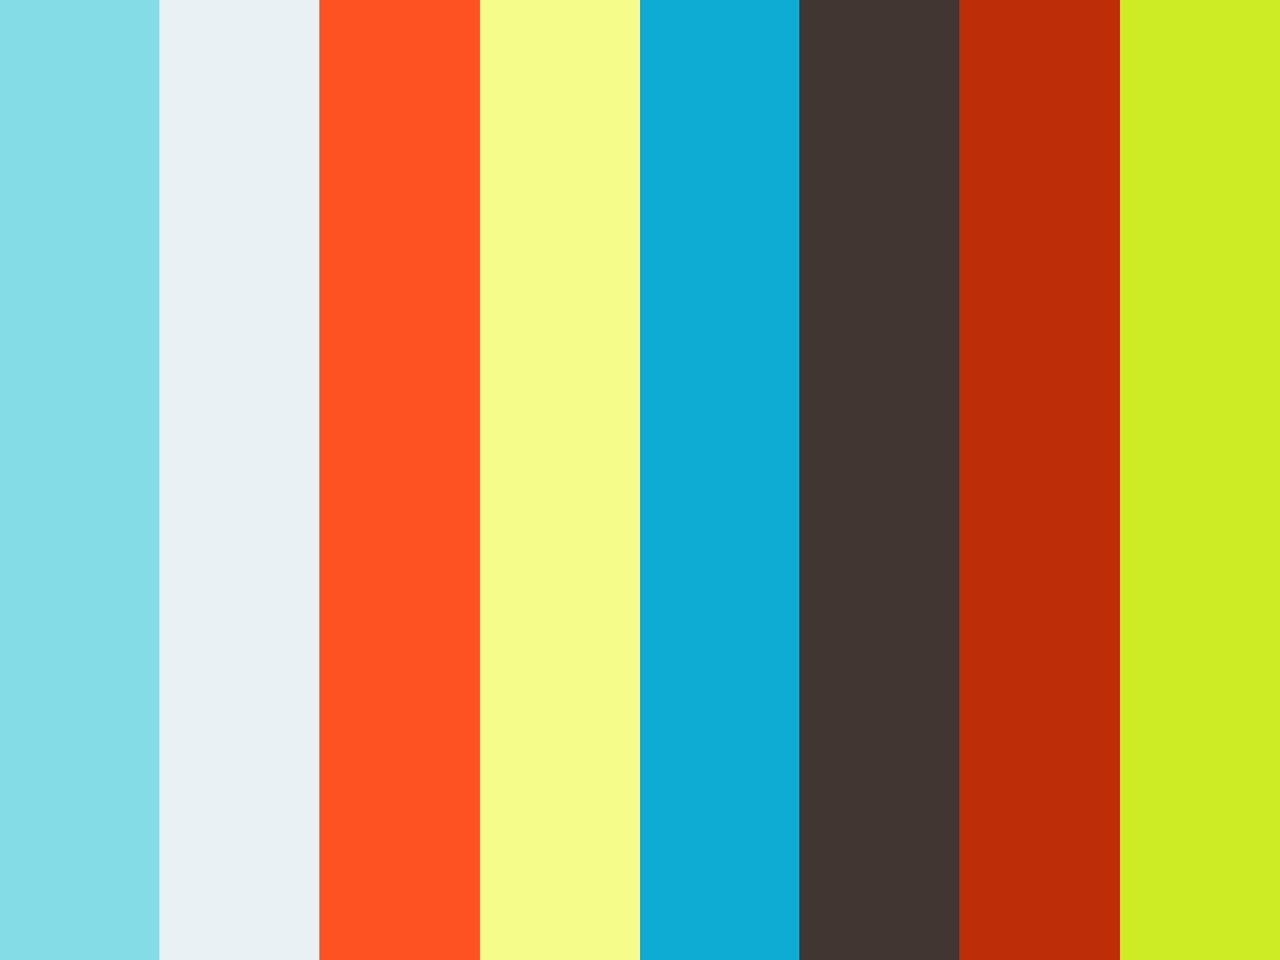 100115 贺十一,芝加哥市区升中国国旗